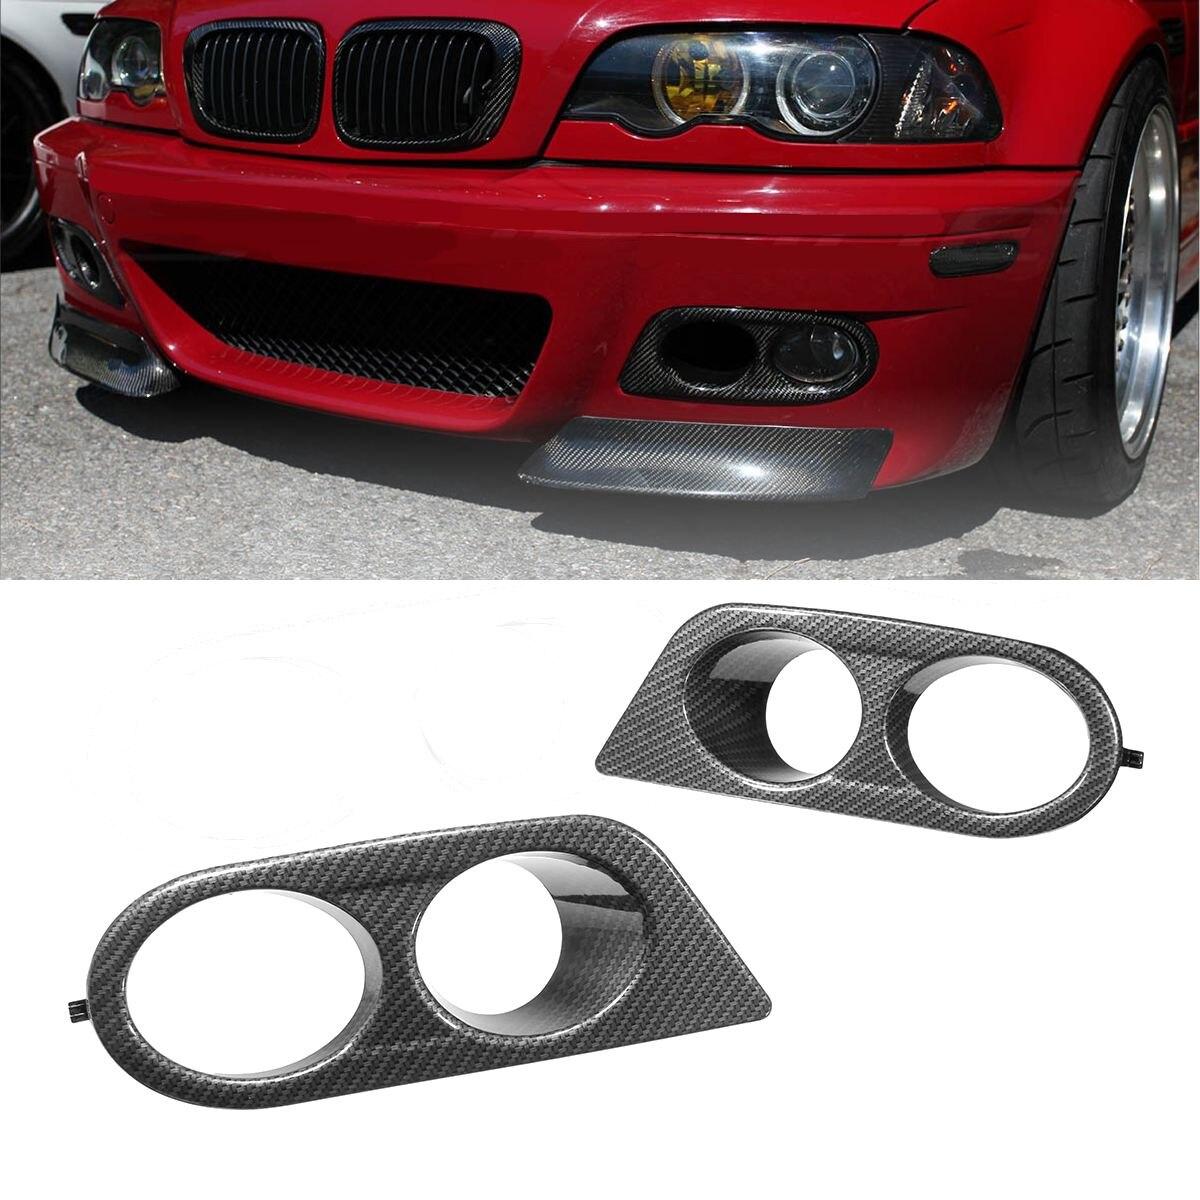 คู่ไฟตัดหมอกรถยนต์ Surround Air Duct สำหรับ BMW E46 M3 2001-2006 คาร์บอนไฟเบอร์สีดำ